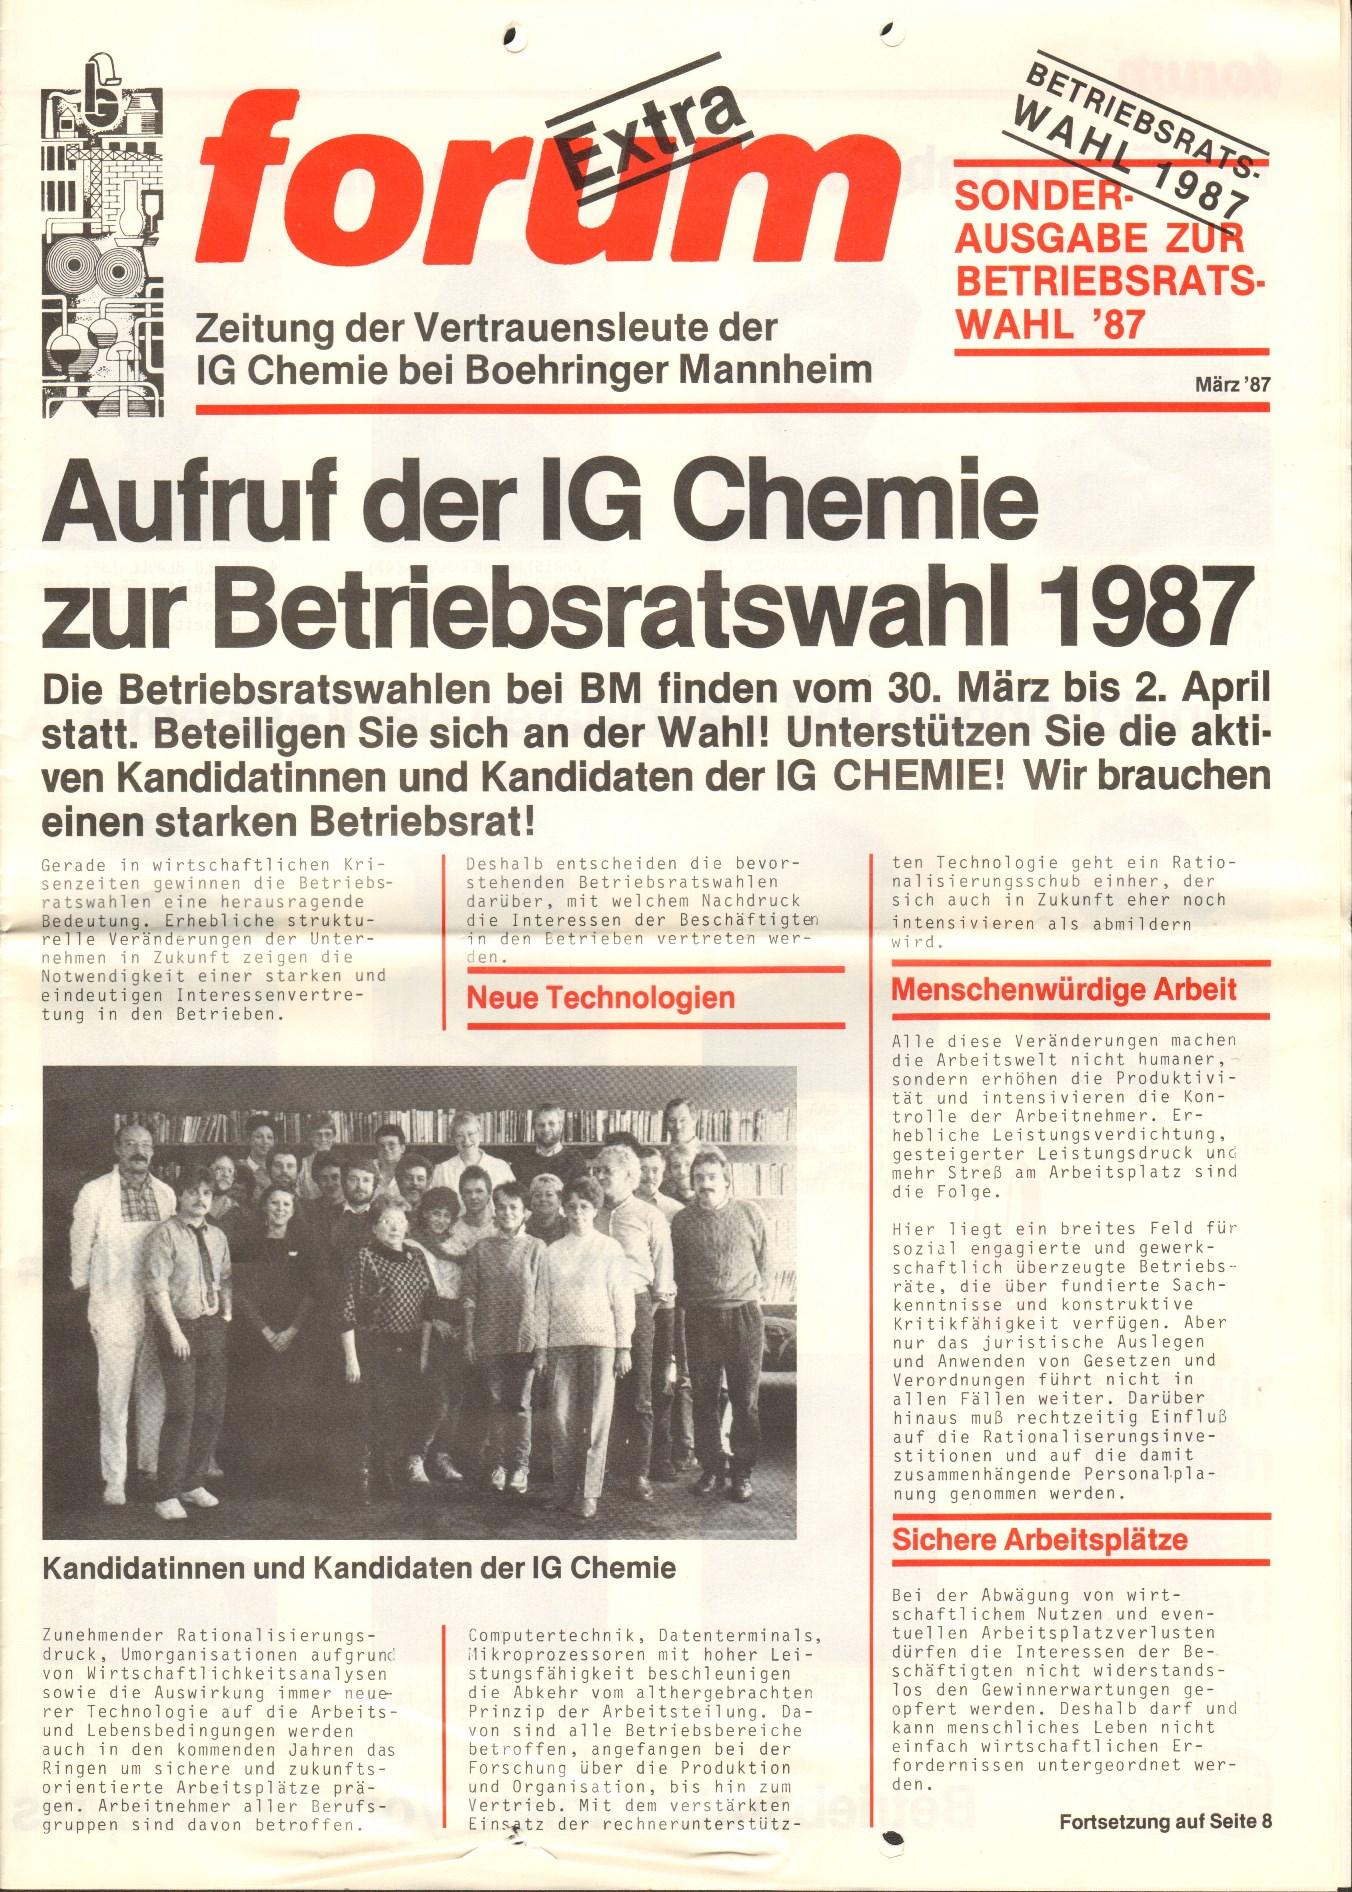 Mannheim_Boehringer_Ausschluss_VKL_1987_02_01